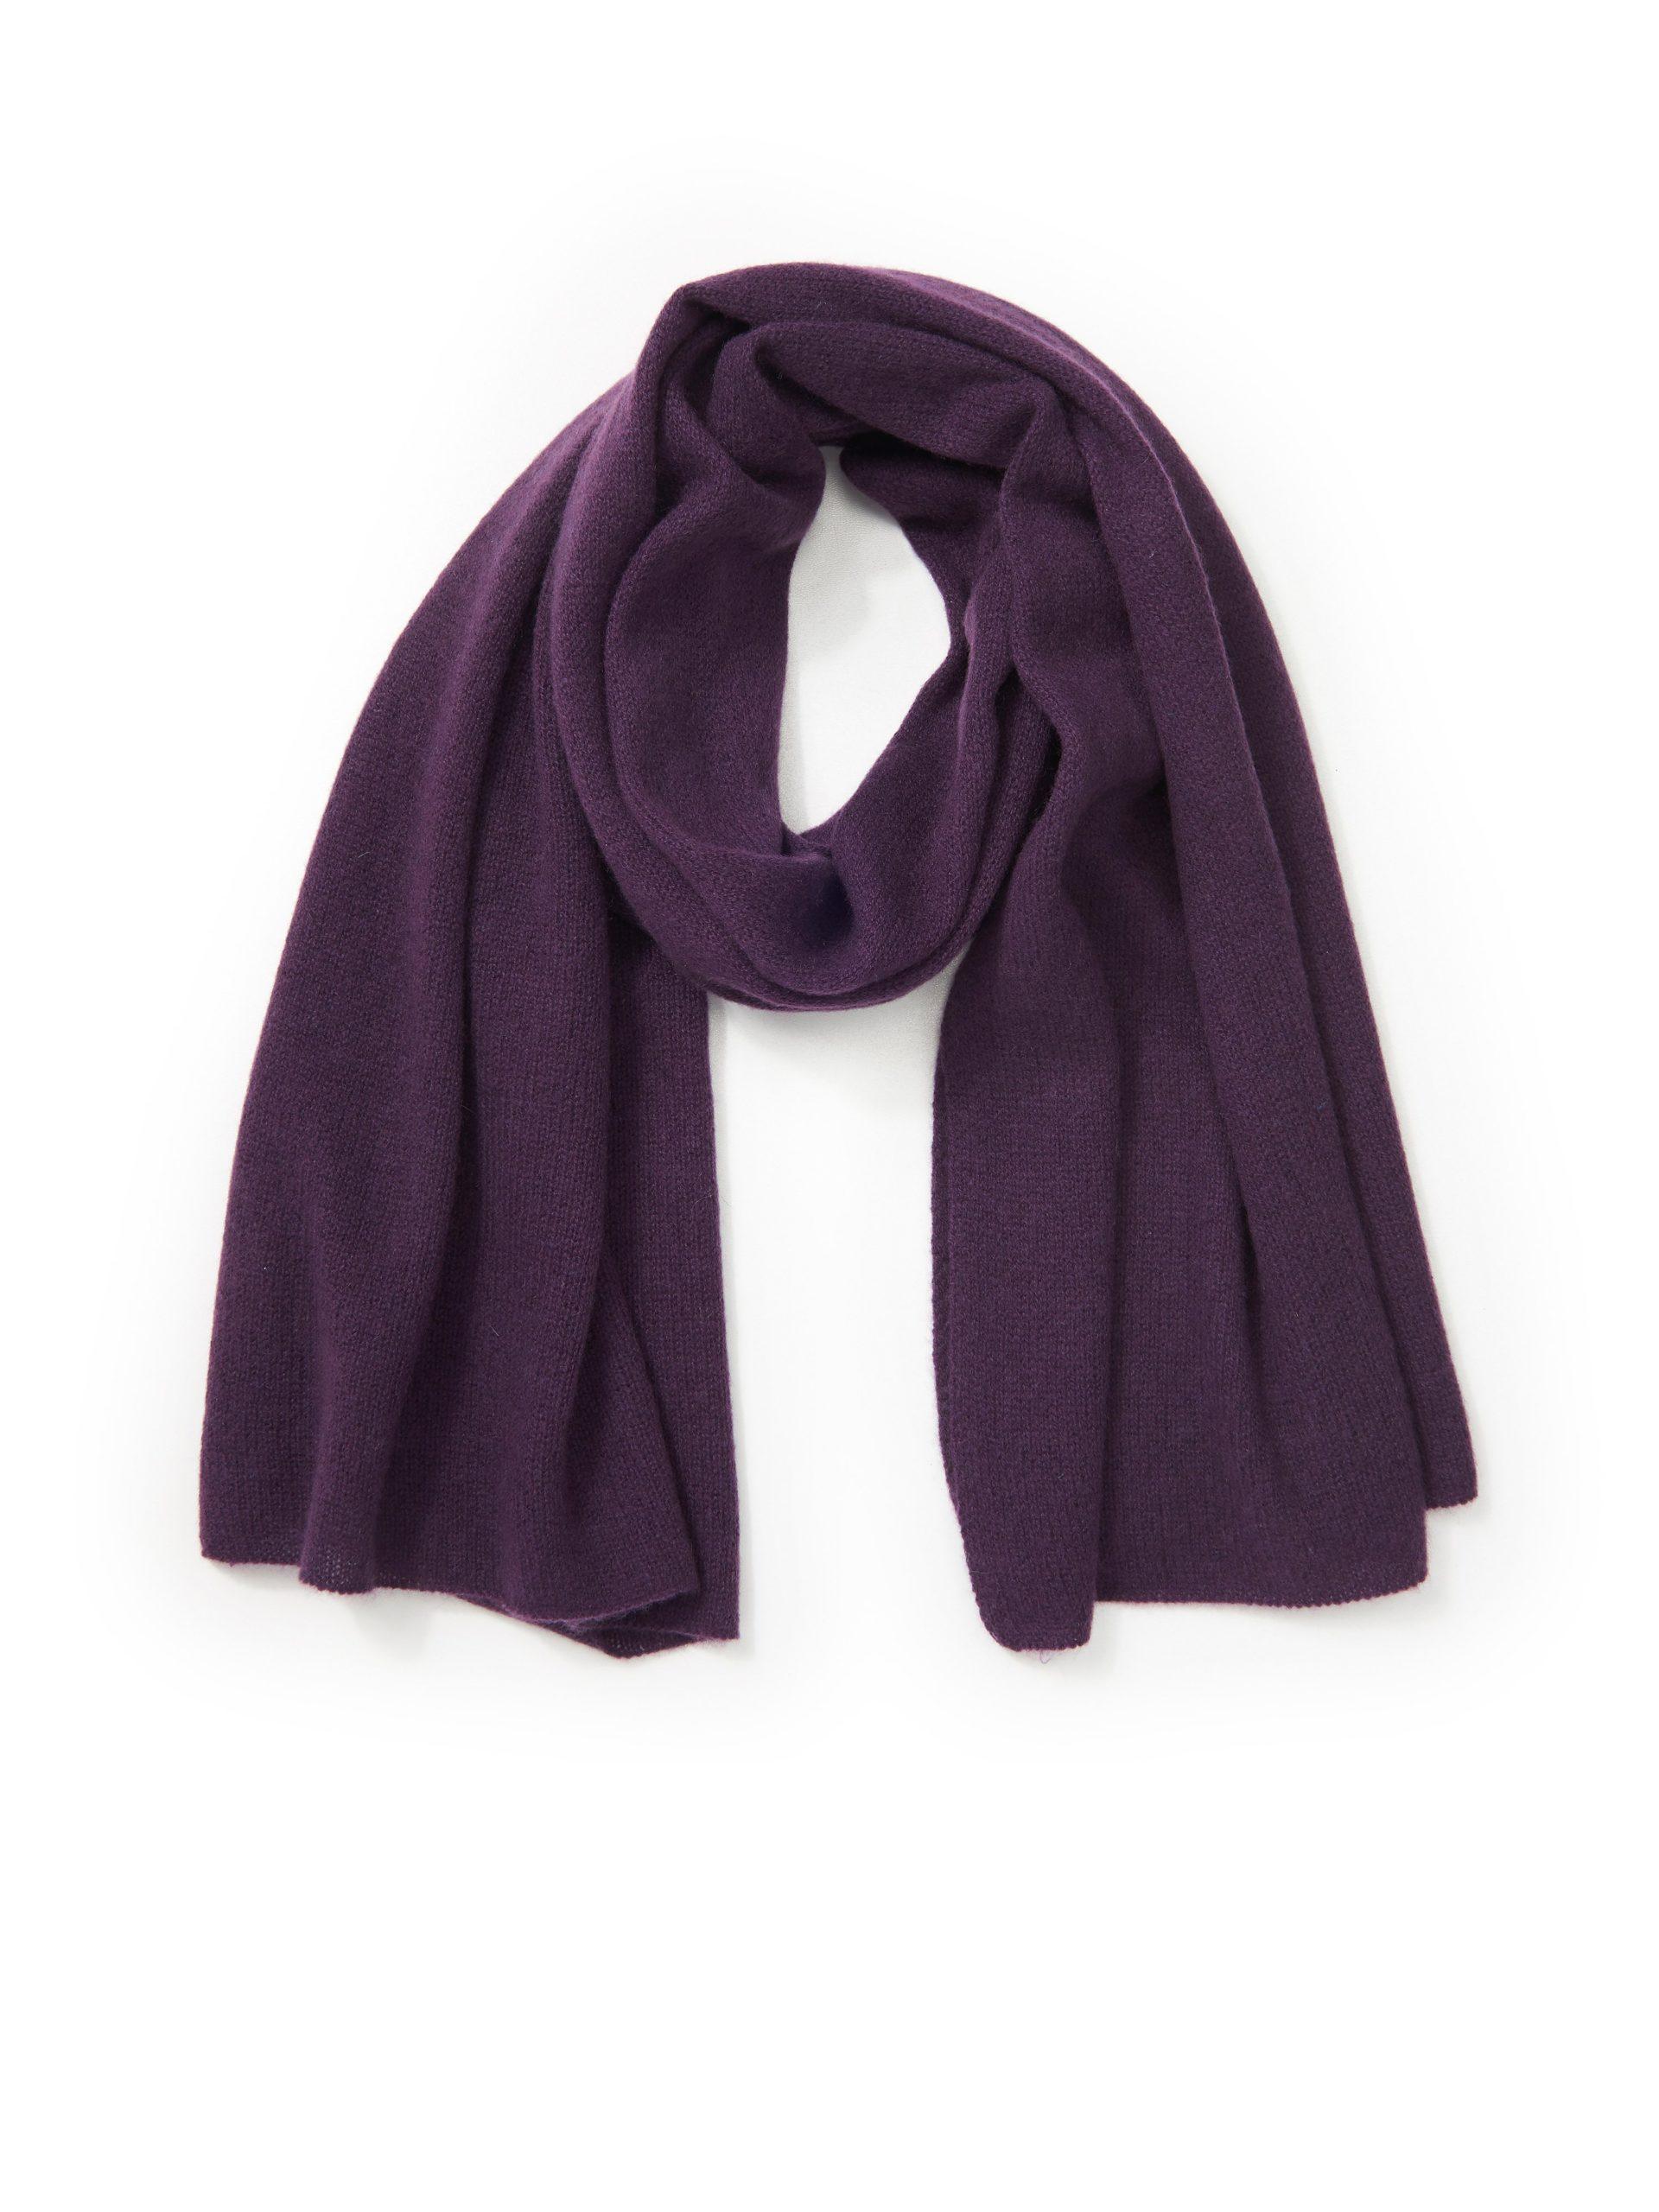 Sjaal van 100% kasjmier Van Peter Hahn Cashmere paars Kopen